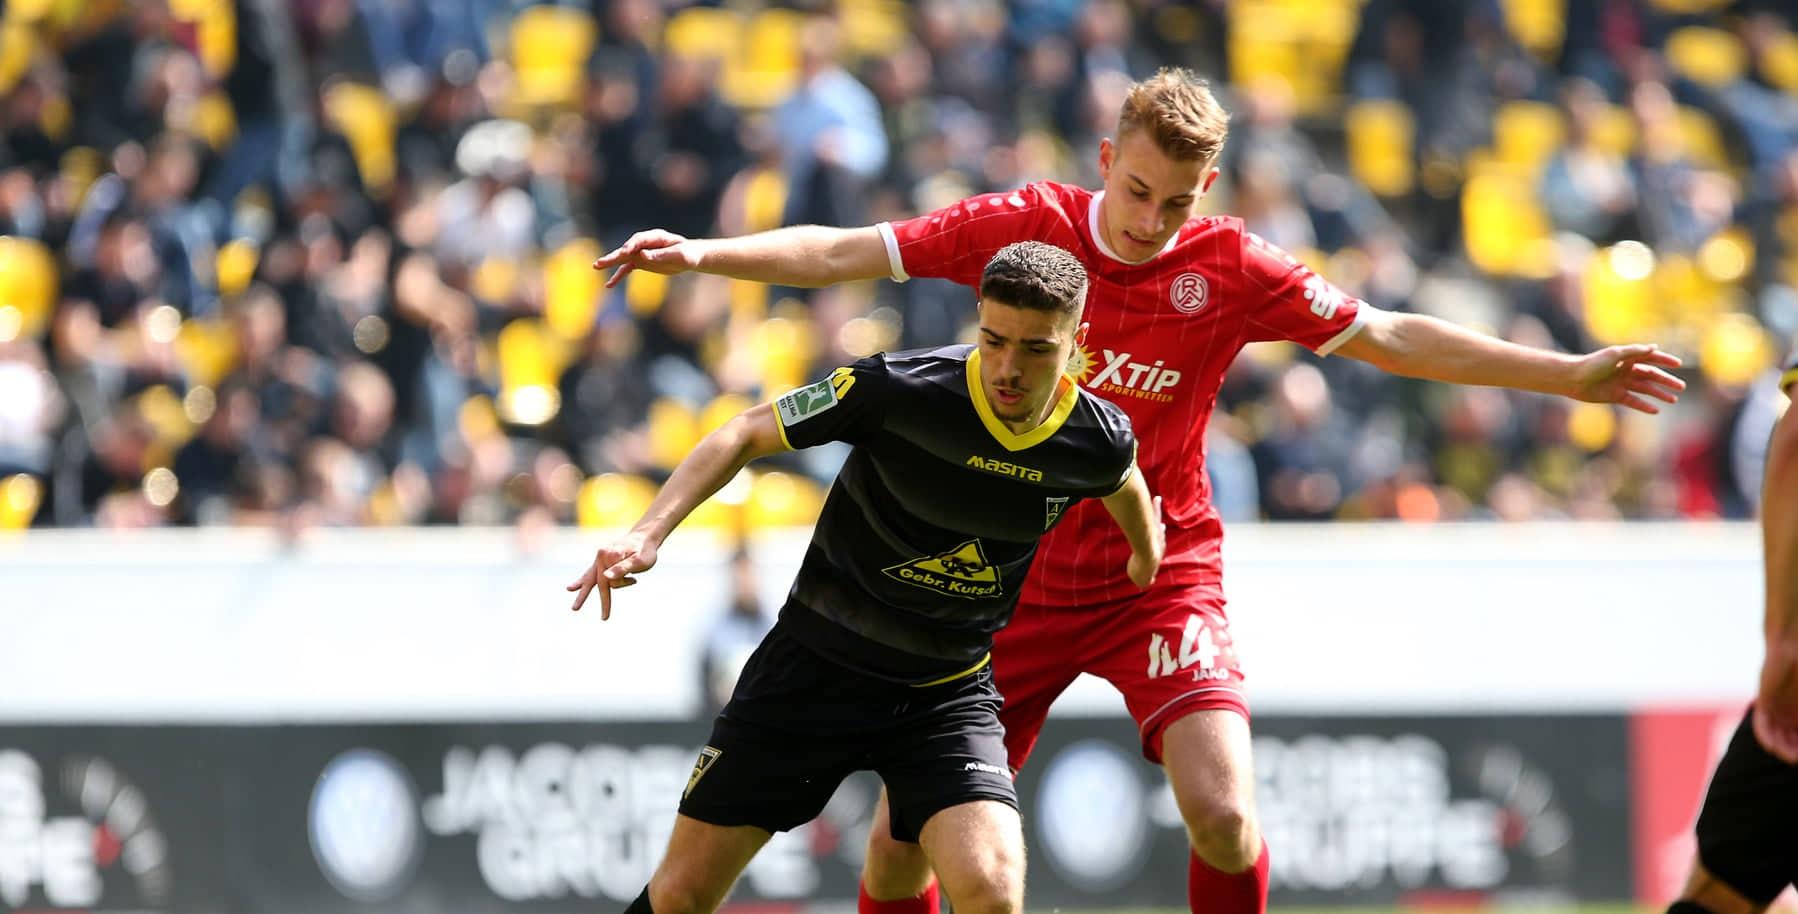 Mit 2:0 musste sich Rot-Weiss Essen am Tivoli geschlagen geben. (Foto: Endberg)